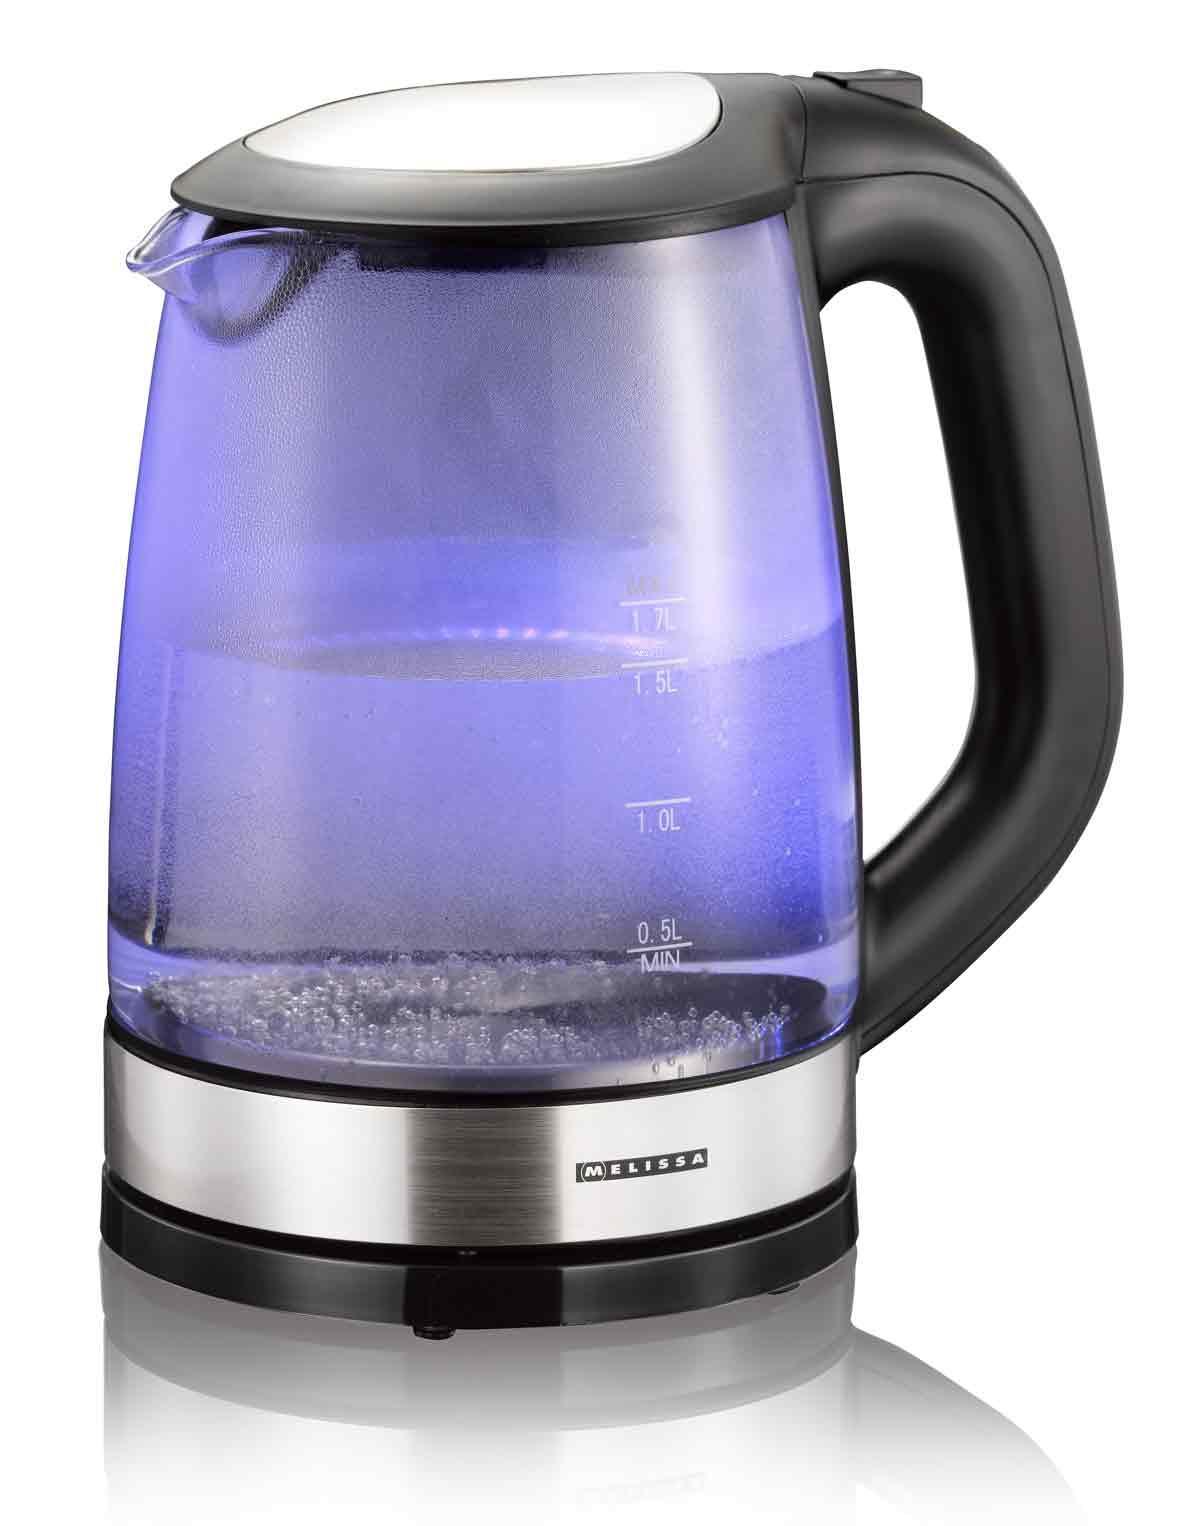 Glas-Wasserkocher Melissa 16130273 – Bild 1